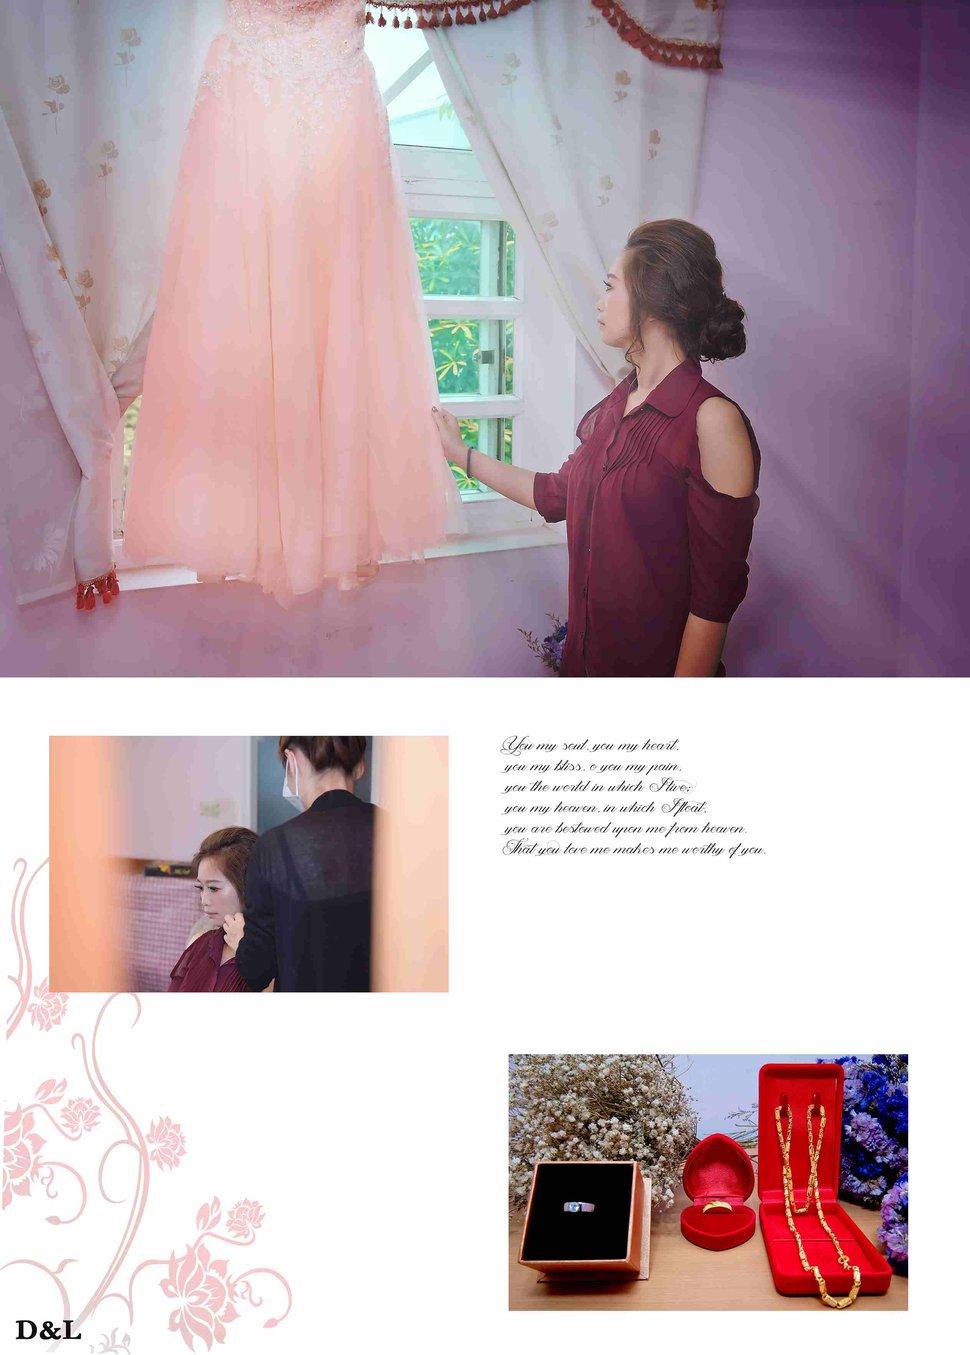 苗栗婚攝 婚禮記錄 俊明&少怡 欣桂竹園餐廳(編號:248795) - D&L 婚禮事務-婚紗攝影/婚禮記錄 - 結婚吧